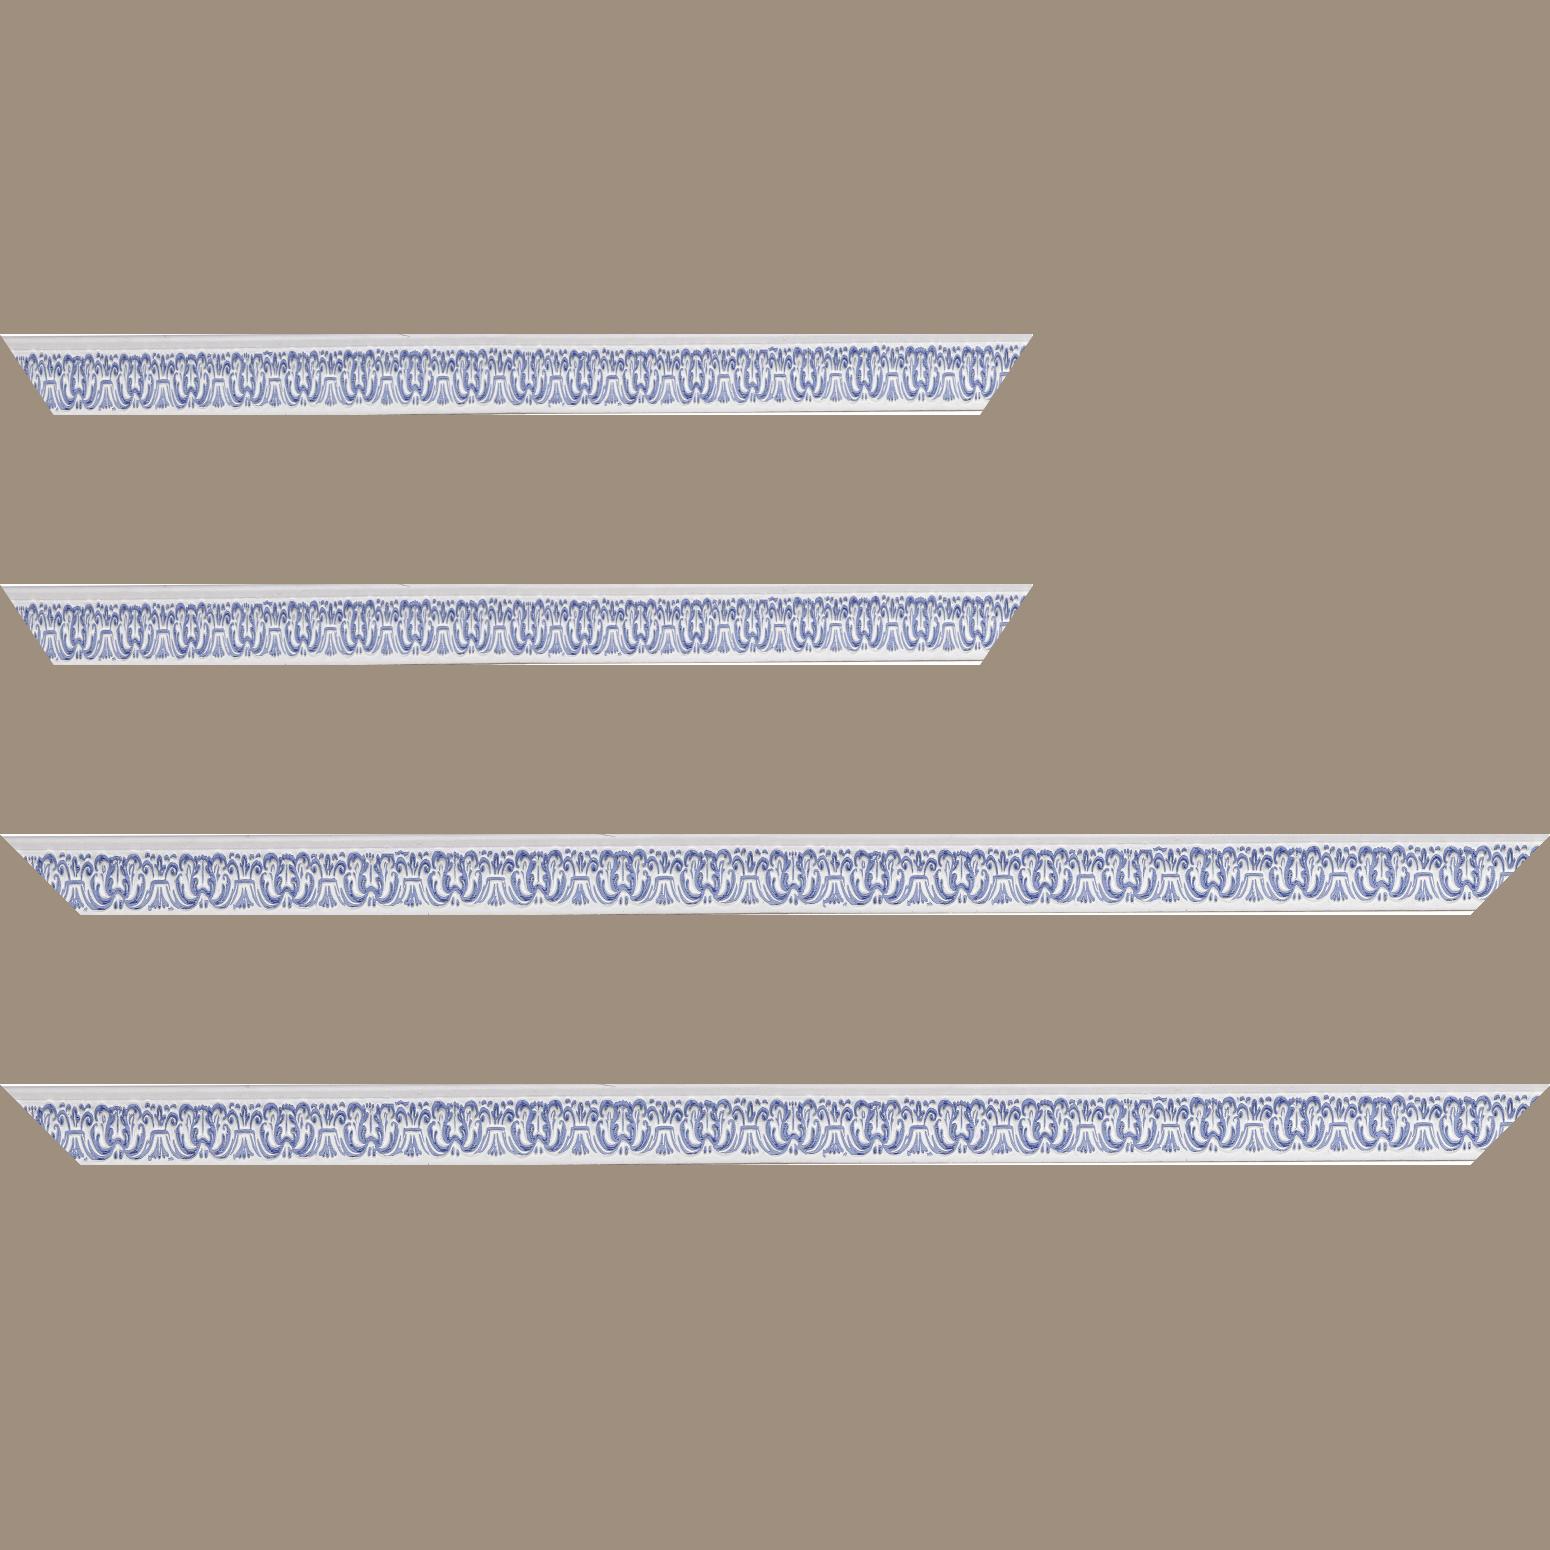 Baguette service précoupé Bois profil incurvé largeur 2.6cm couleur bleu ciel en relief sur fond blanchie